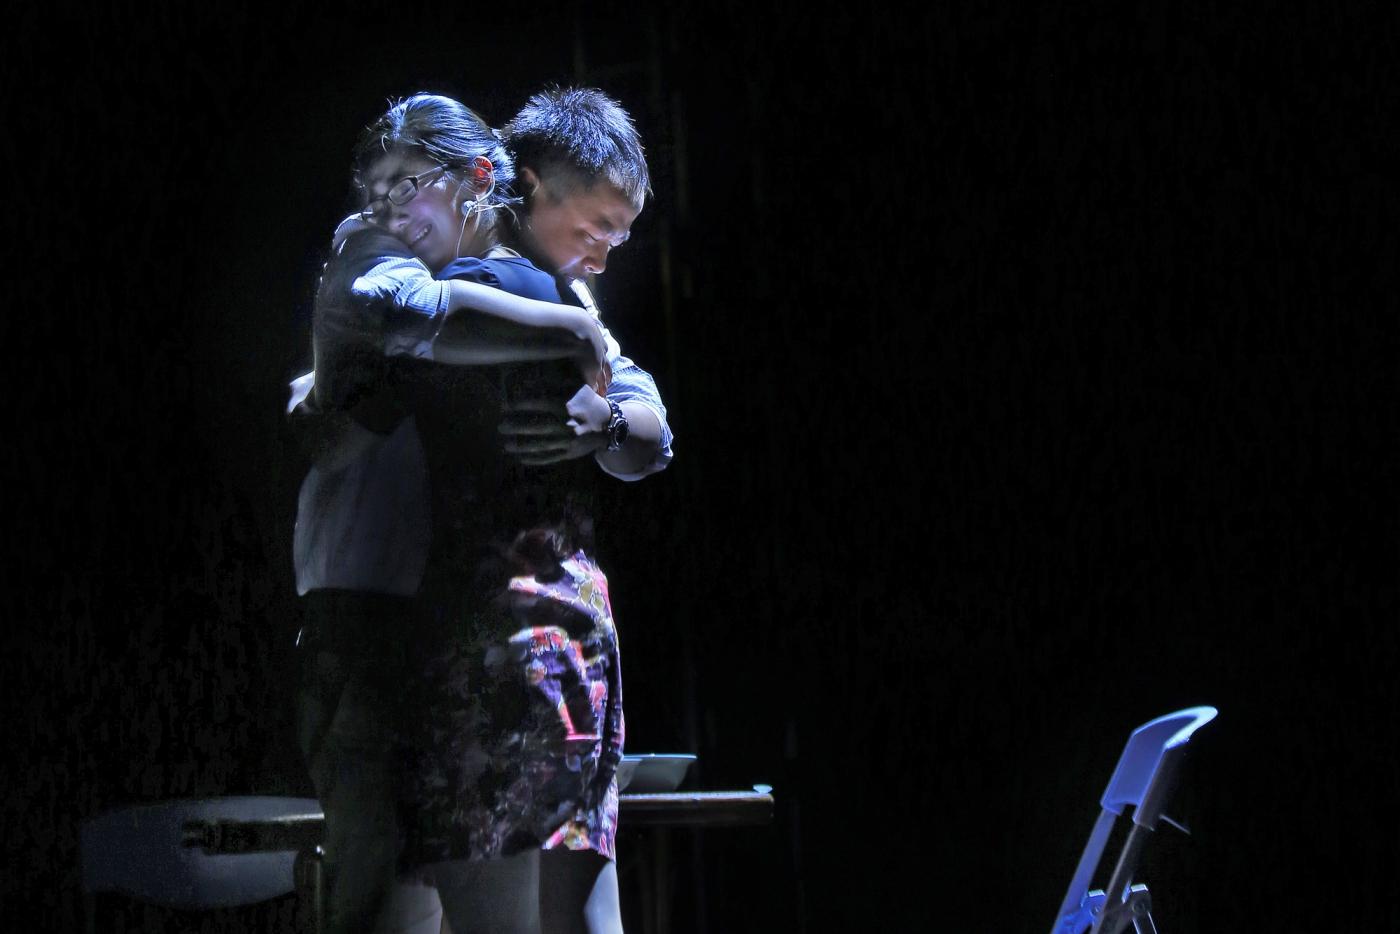 【达威】逆光下的舞台摄影_图1-15